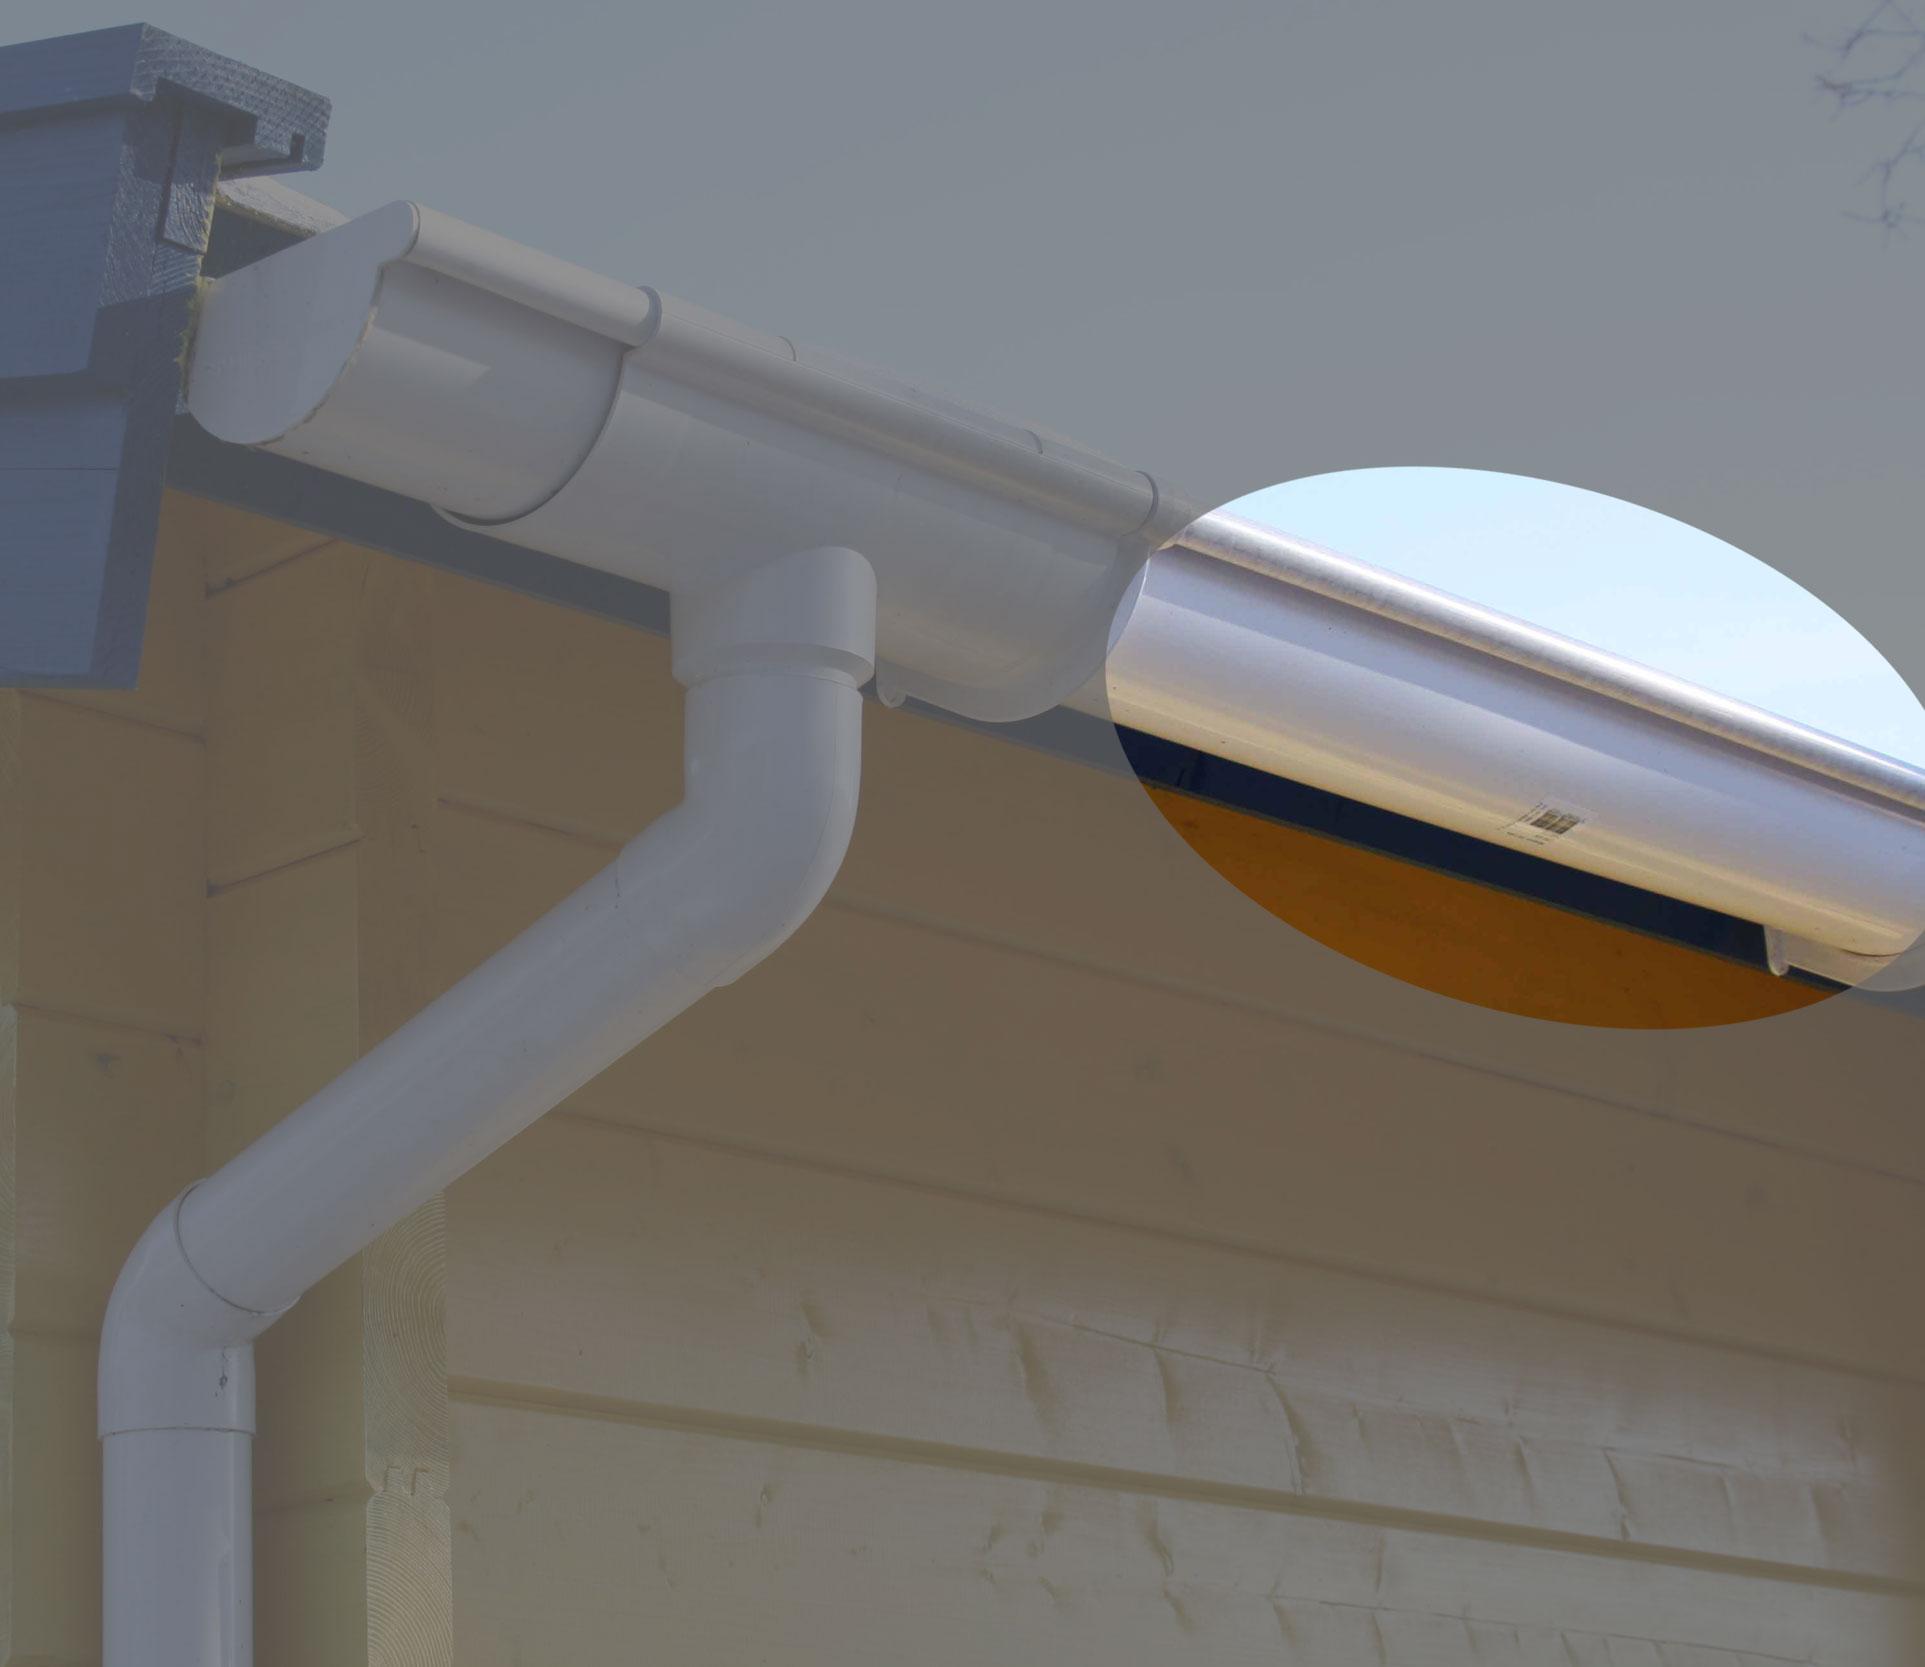 Dachrinnen Ergänzungsset K5B RG100 Anbauten bis 3m rund PVC weiß Bild 1